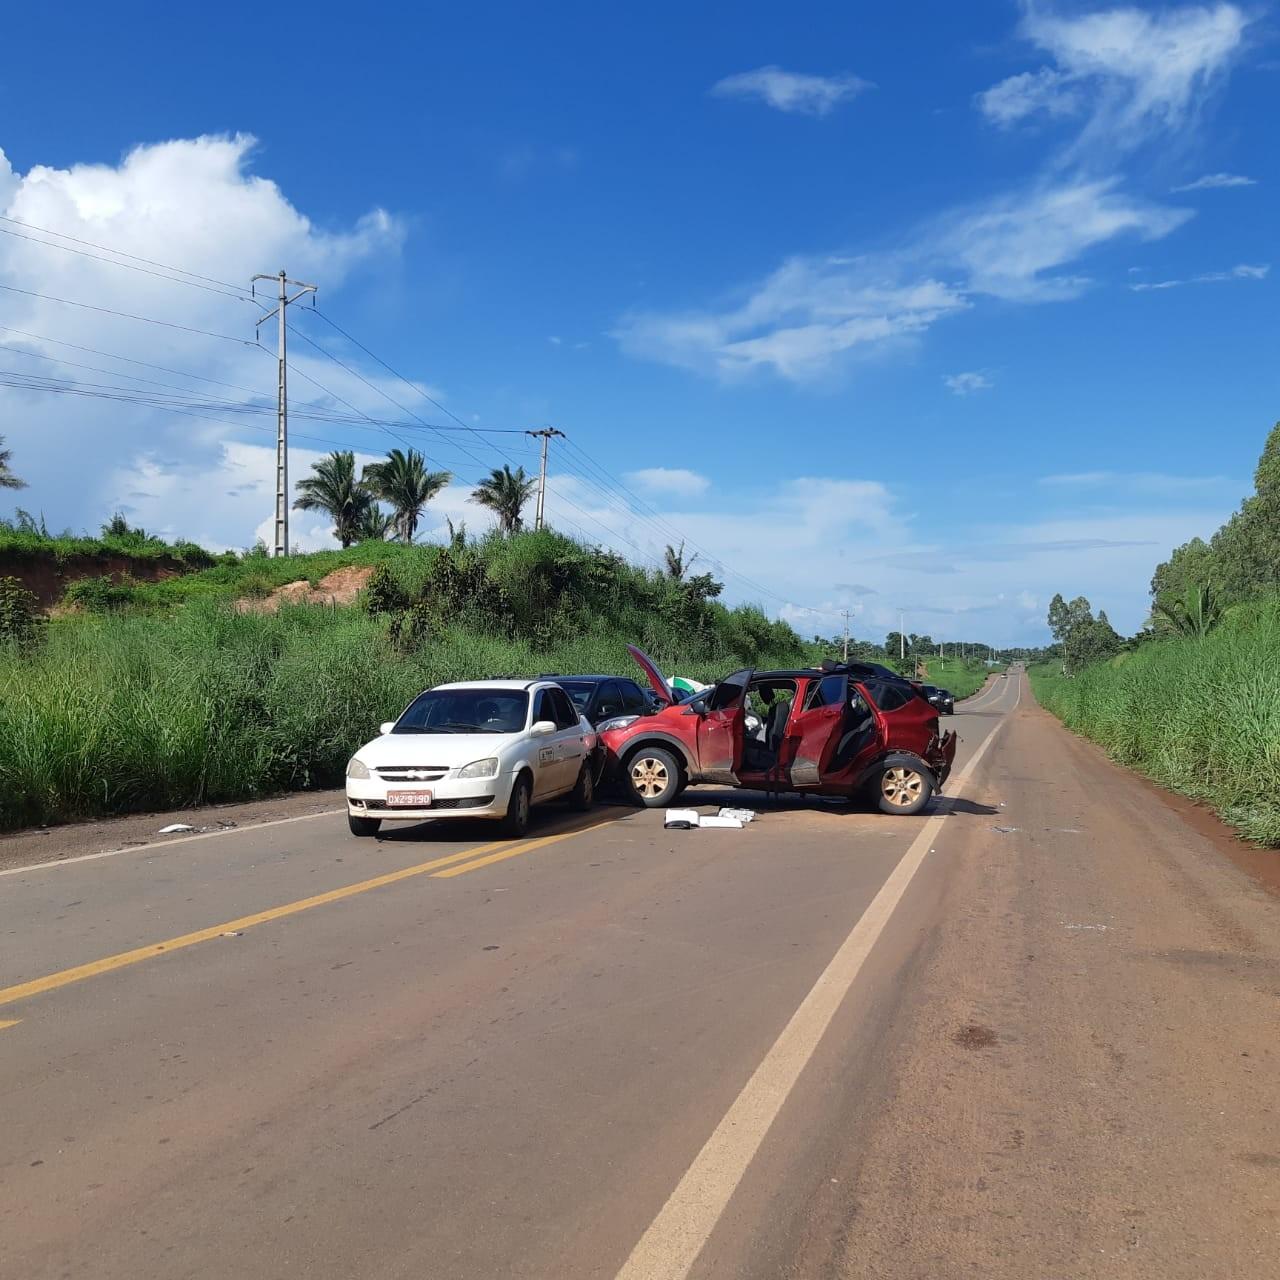 Engavetamento envolvendo 4 veículos deixa 8 feridos na BR-316 no MA